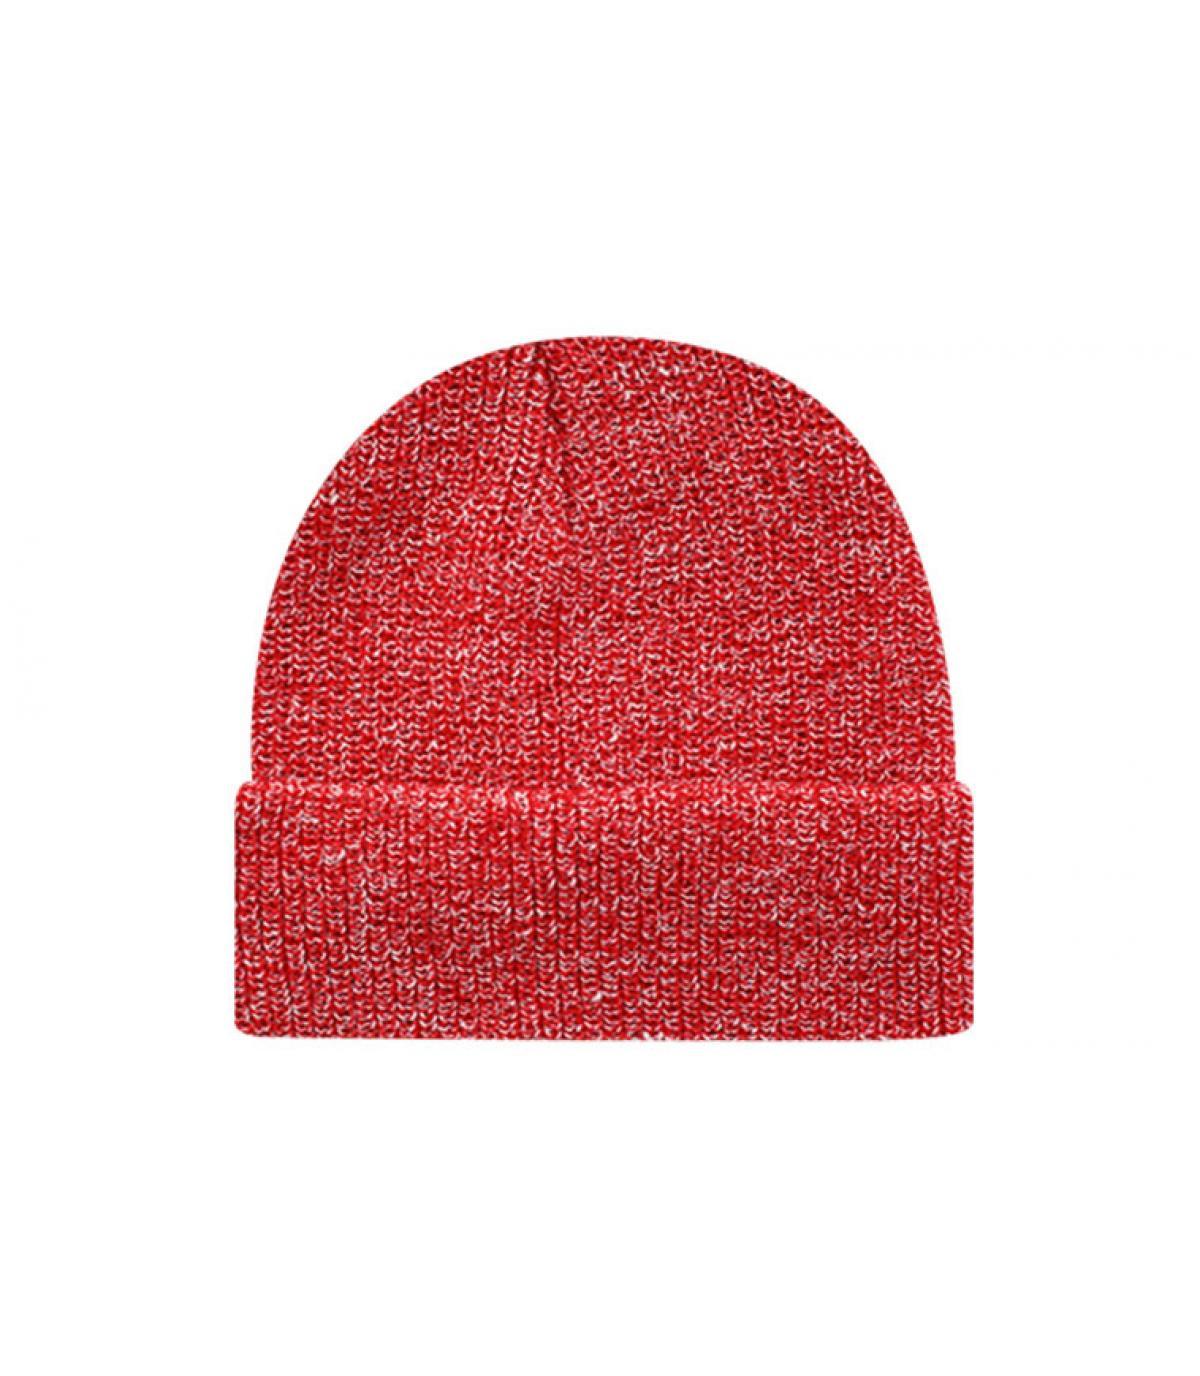 Beanie blank heather red